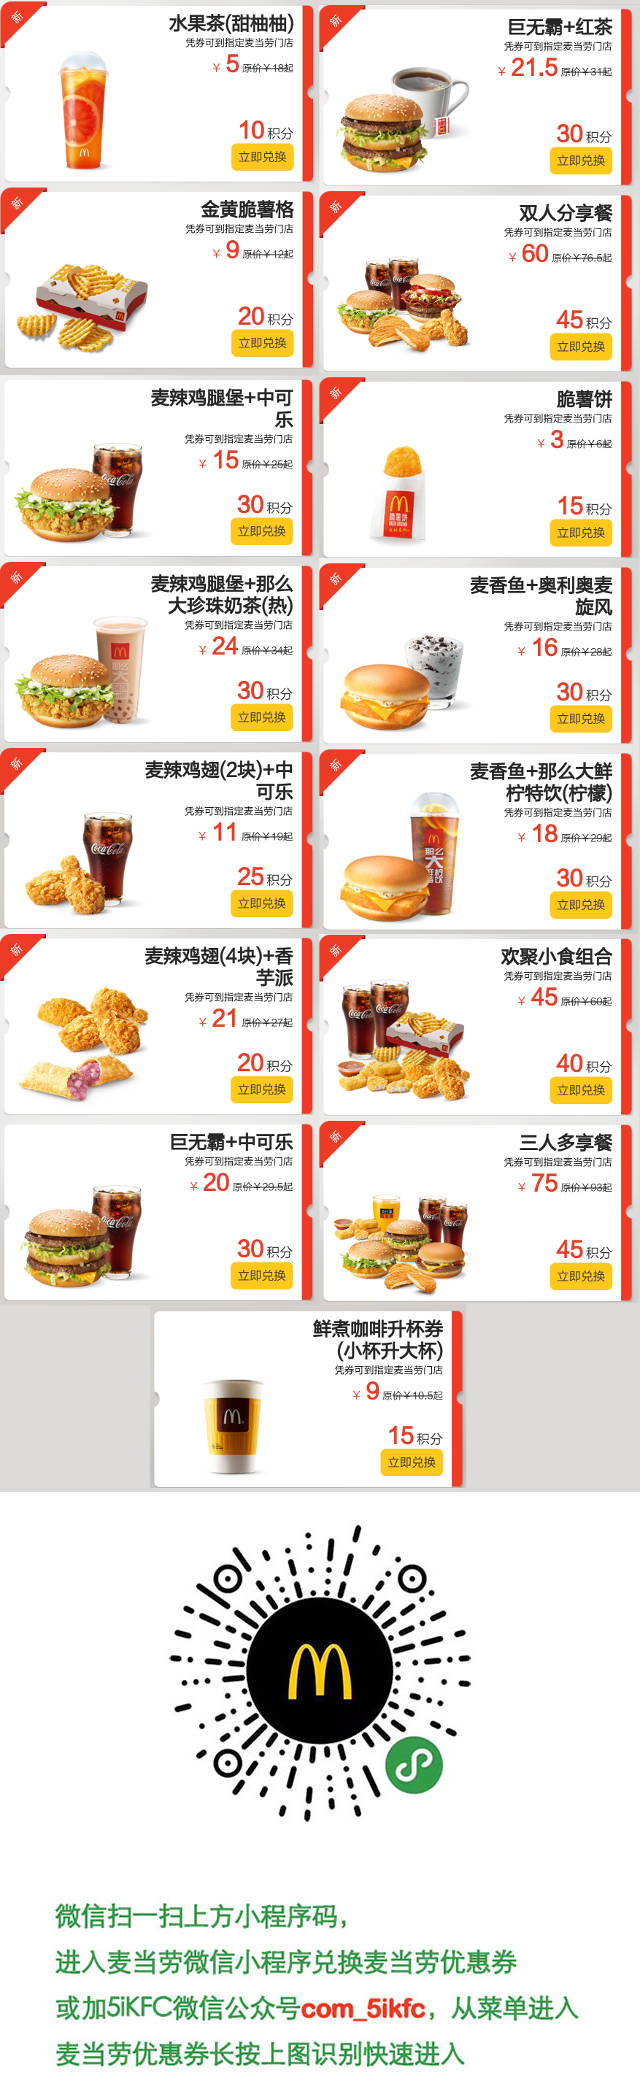 优惠券图片:麦当劳会员积分优惠券兑换领取,套餐、小食、饮料多种优惠 有效期2019年01月5日-2019年02月28日